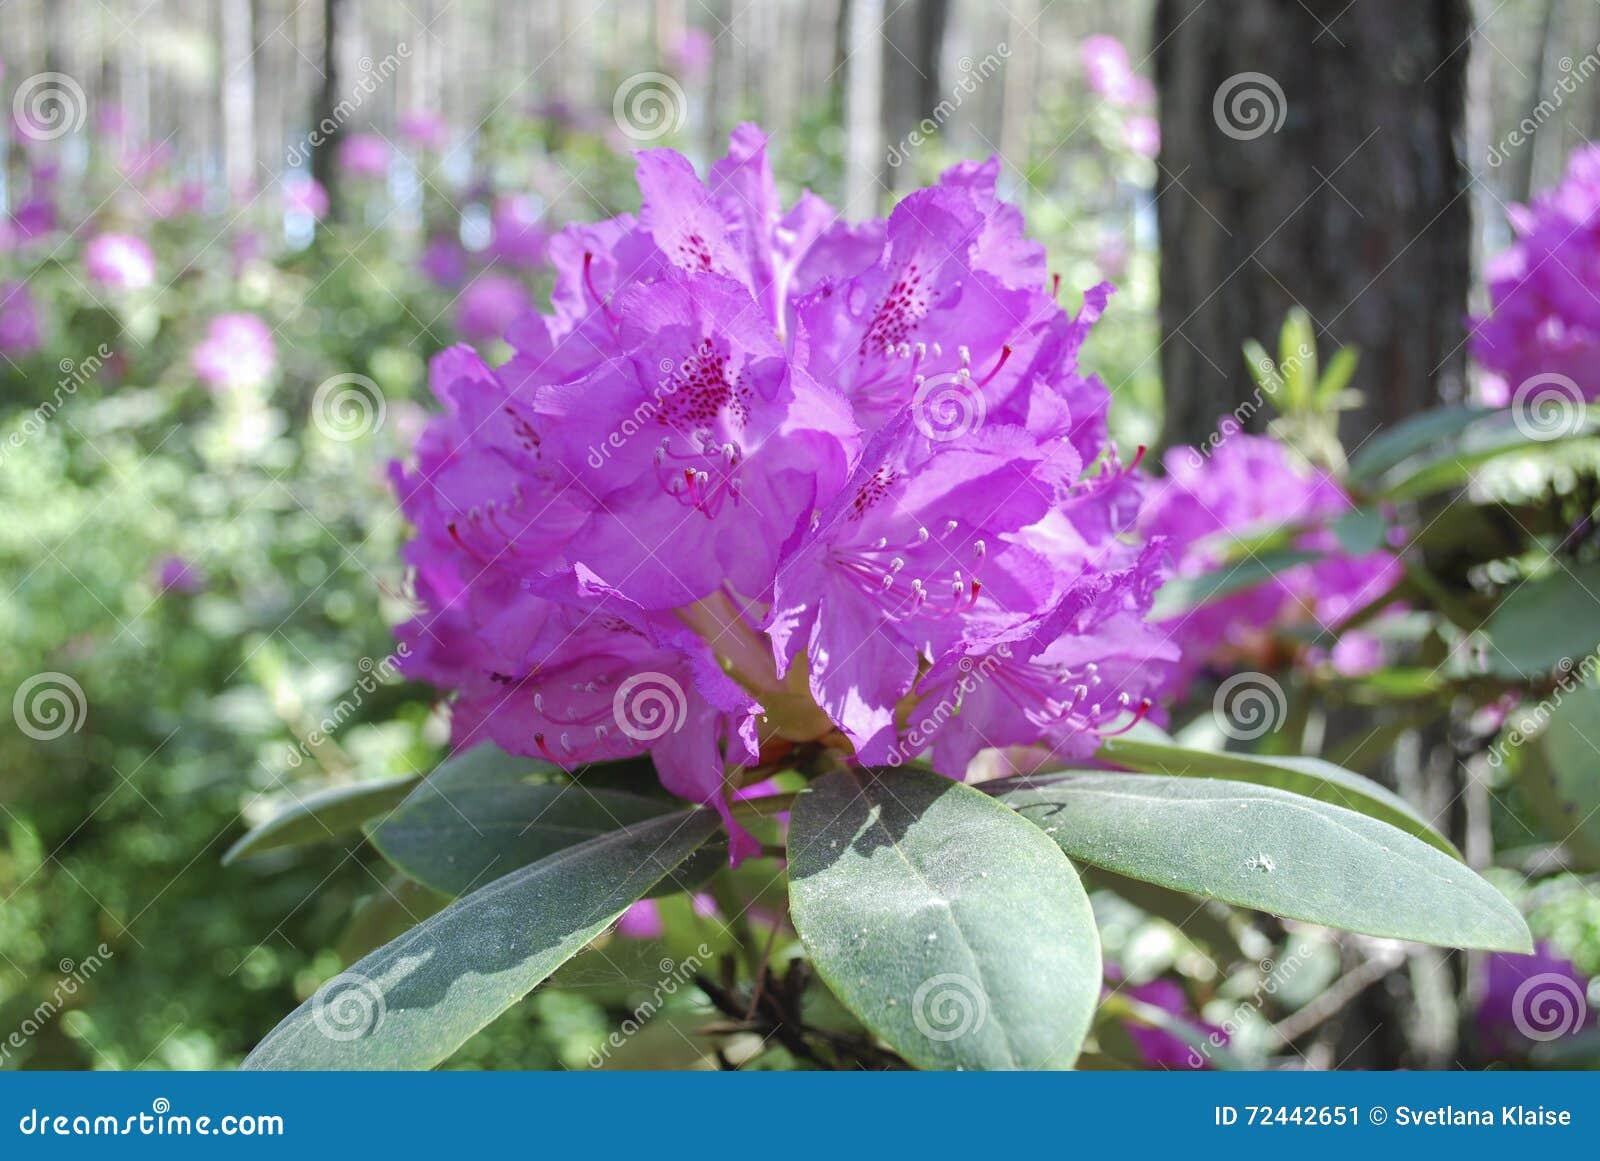 Fiore della pianta del rododendro fiori rosa immagine stock